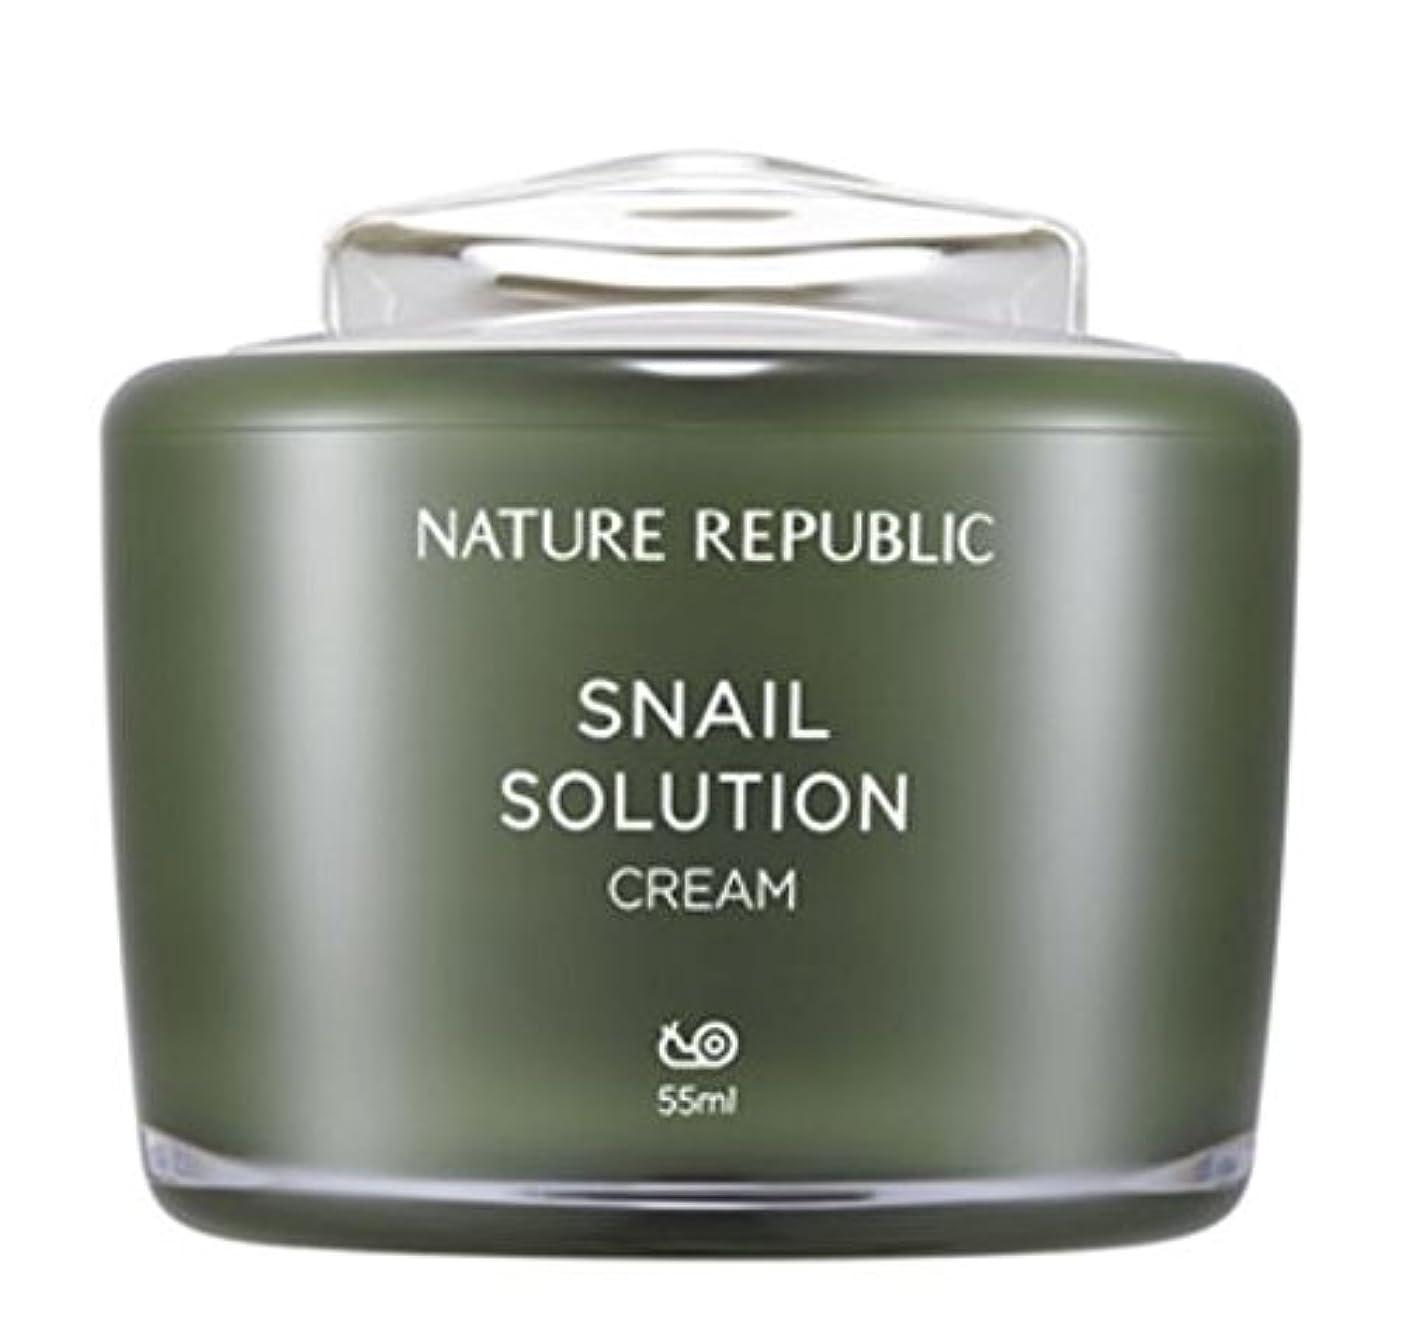 正直に向けて出発サミュエル正規輸入品 NATURE REPUBLIC(ネイチャーリパブリック) S SOL クリーム b 55ml NK0637